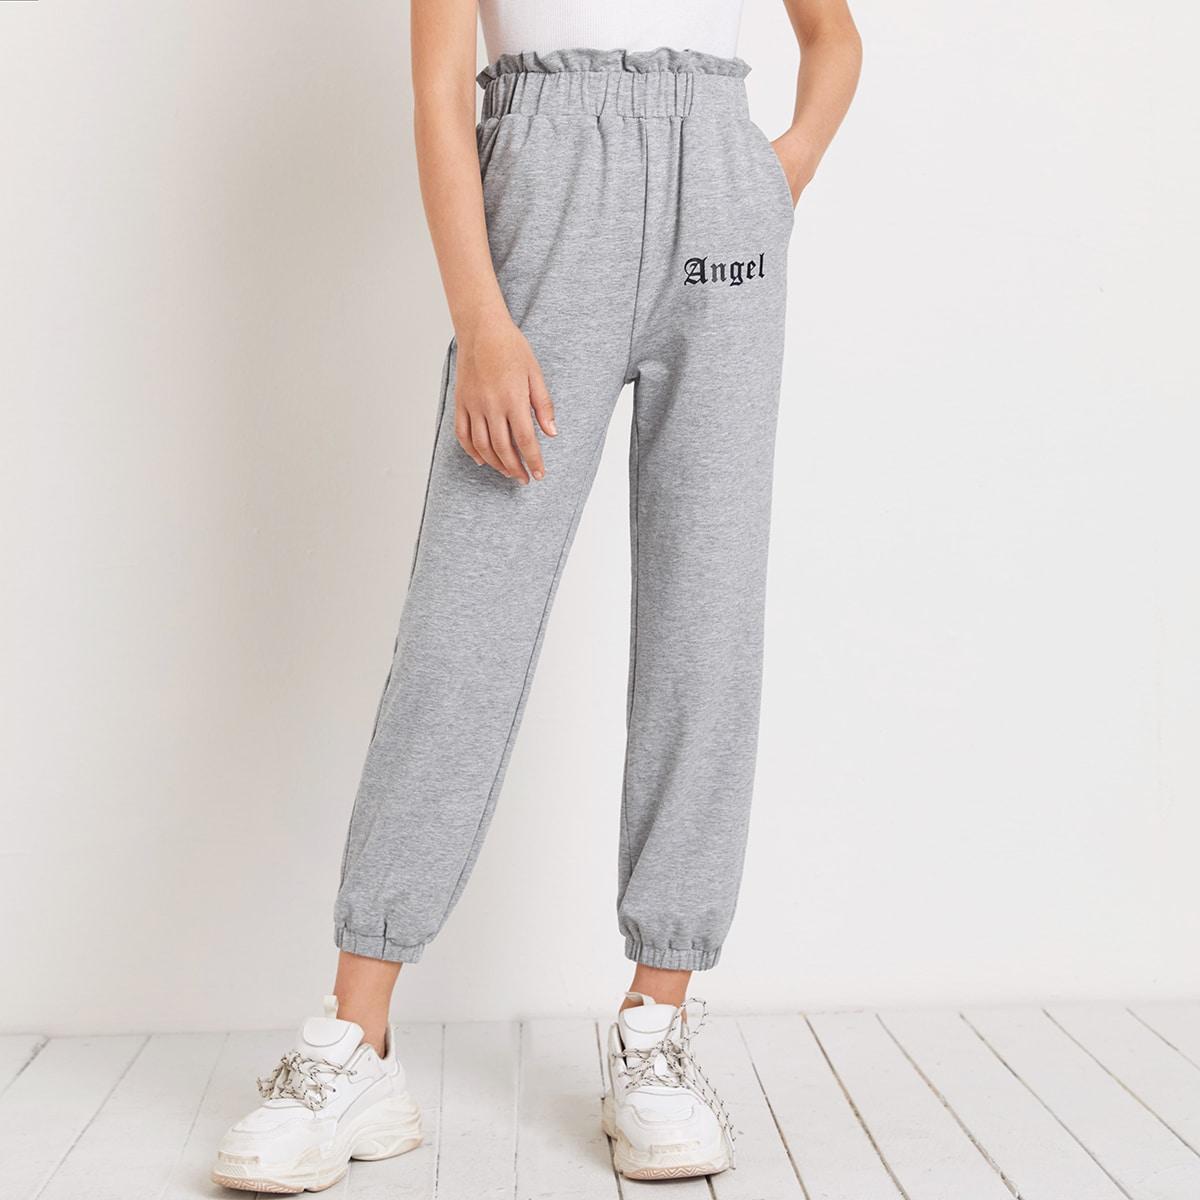 Спортивные брюки с текстовым принтом для девочек